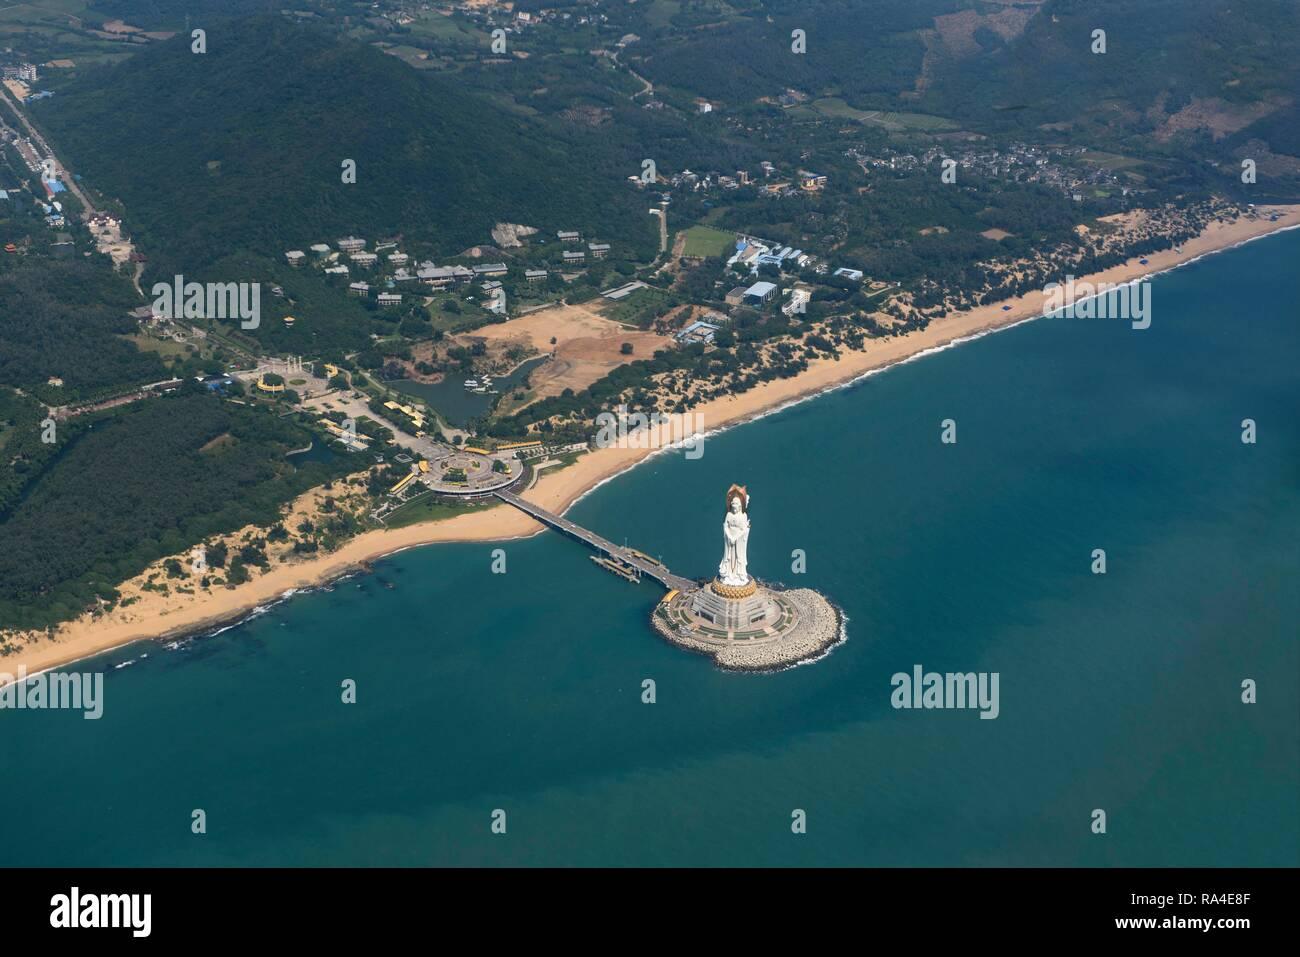 Aerial view, Guanyin of the South Sea of Sanya, statue, Nanshan Temple, Sanya, Hainan Island, China - Stock Image